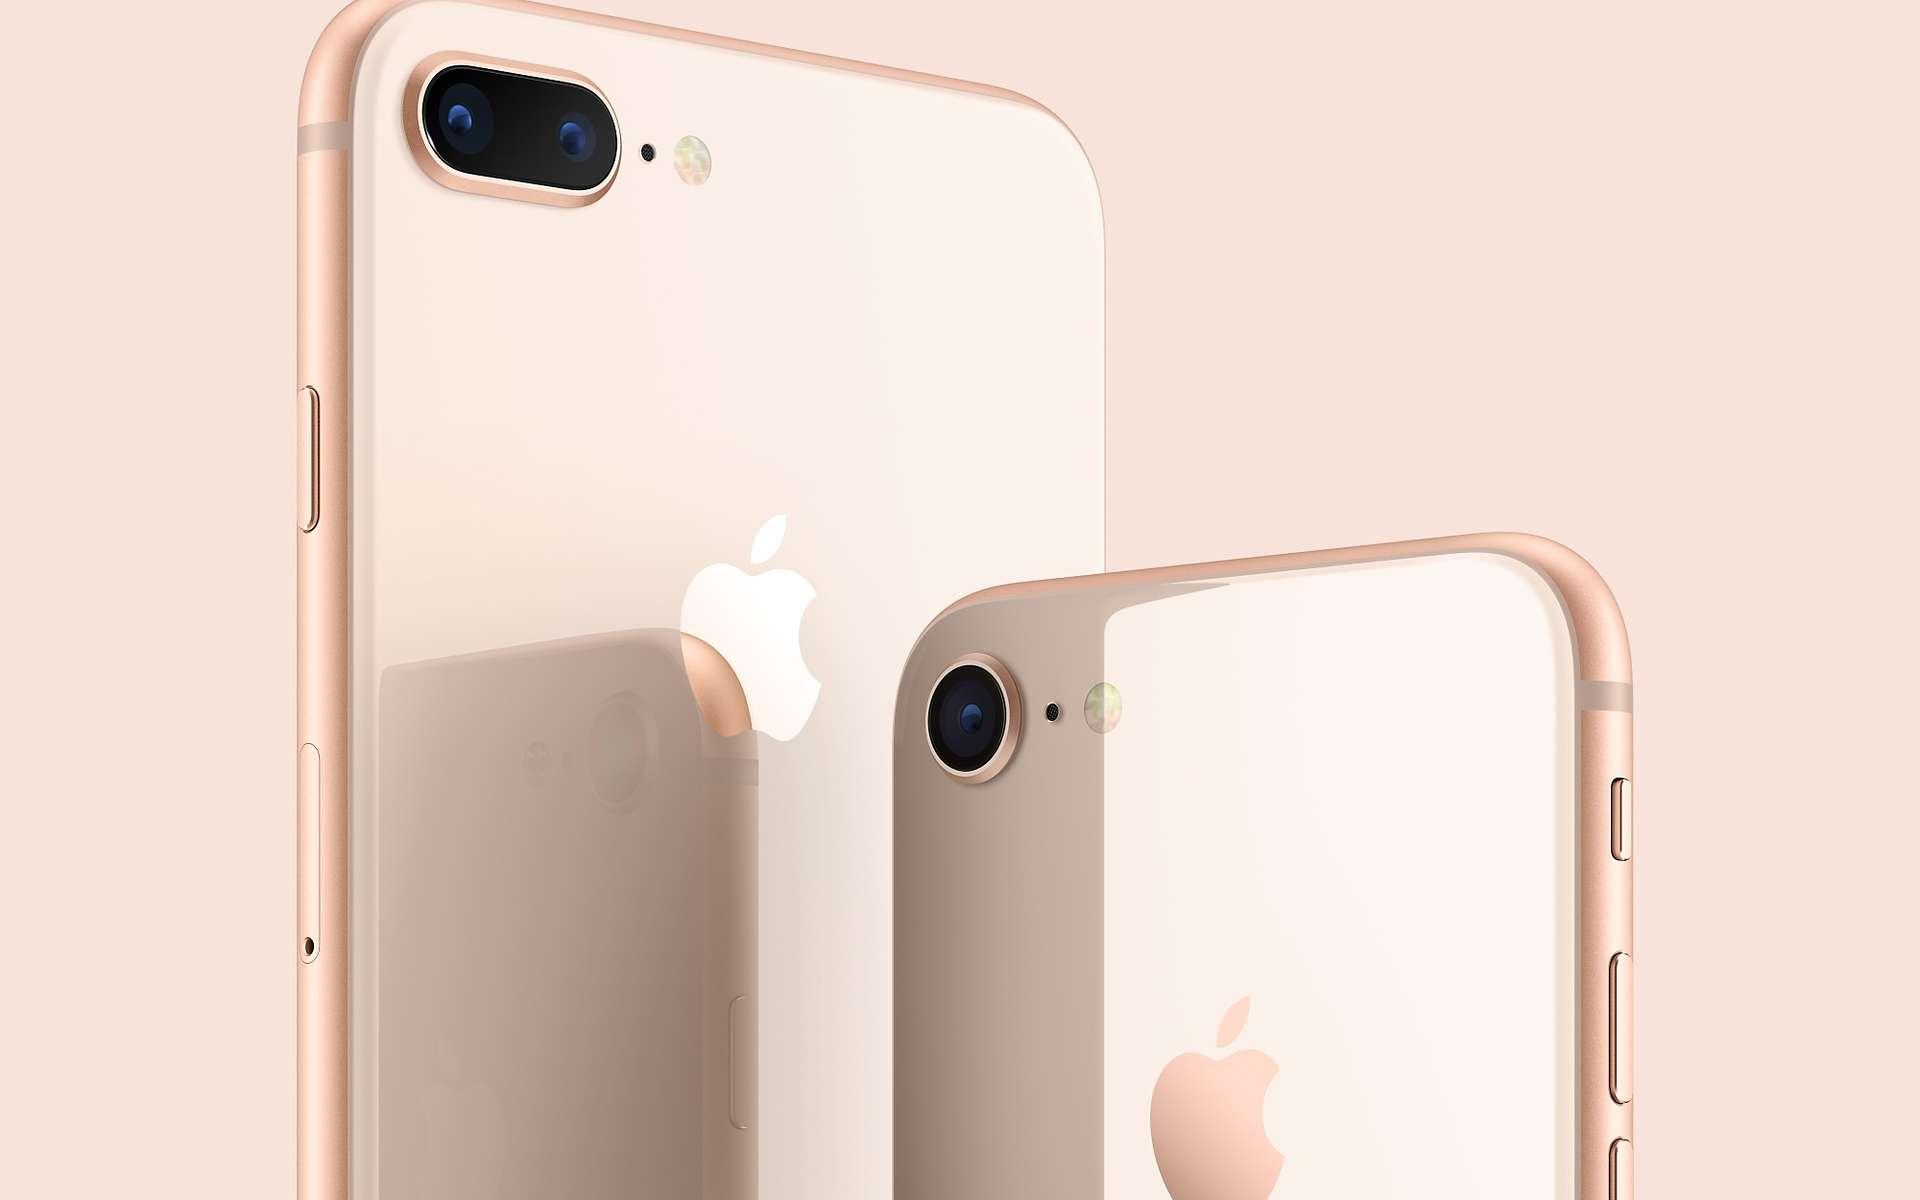 L'iPhone 8 Plus d'Apple est disponible depuis une semaine environ. Trois cas de batteries déformées ont été signalés en Asie. © Apple